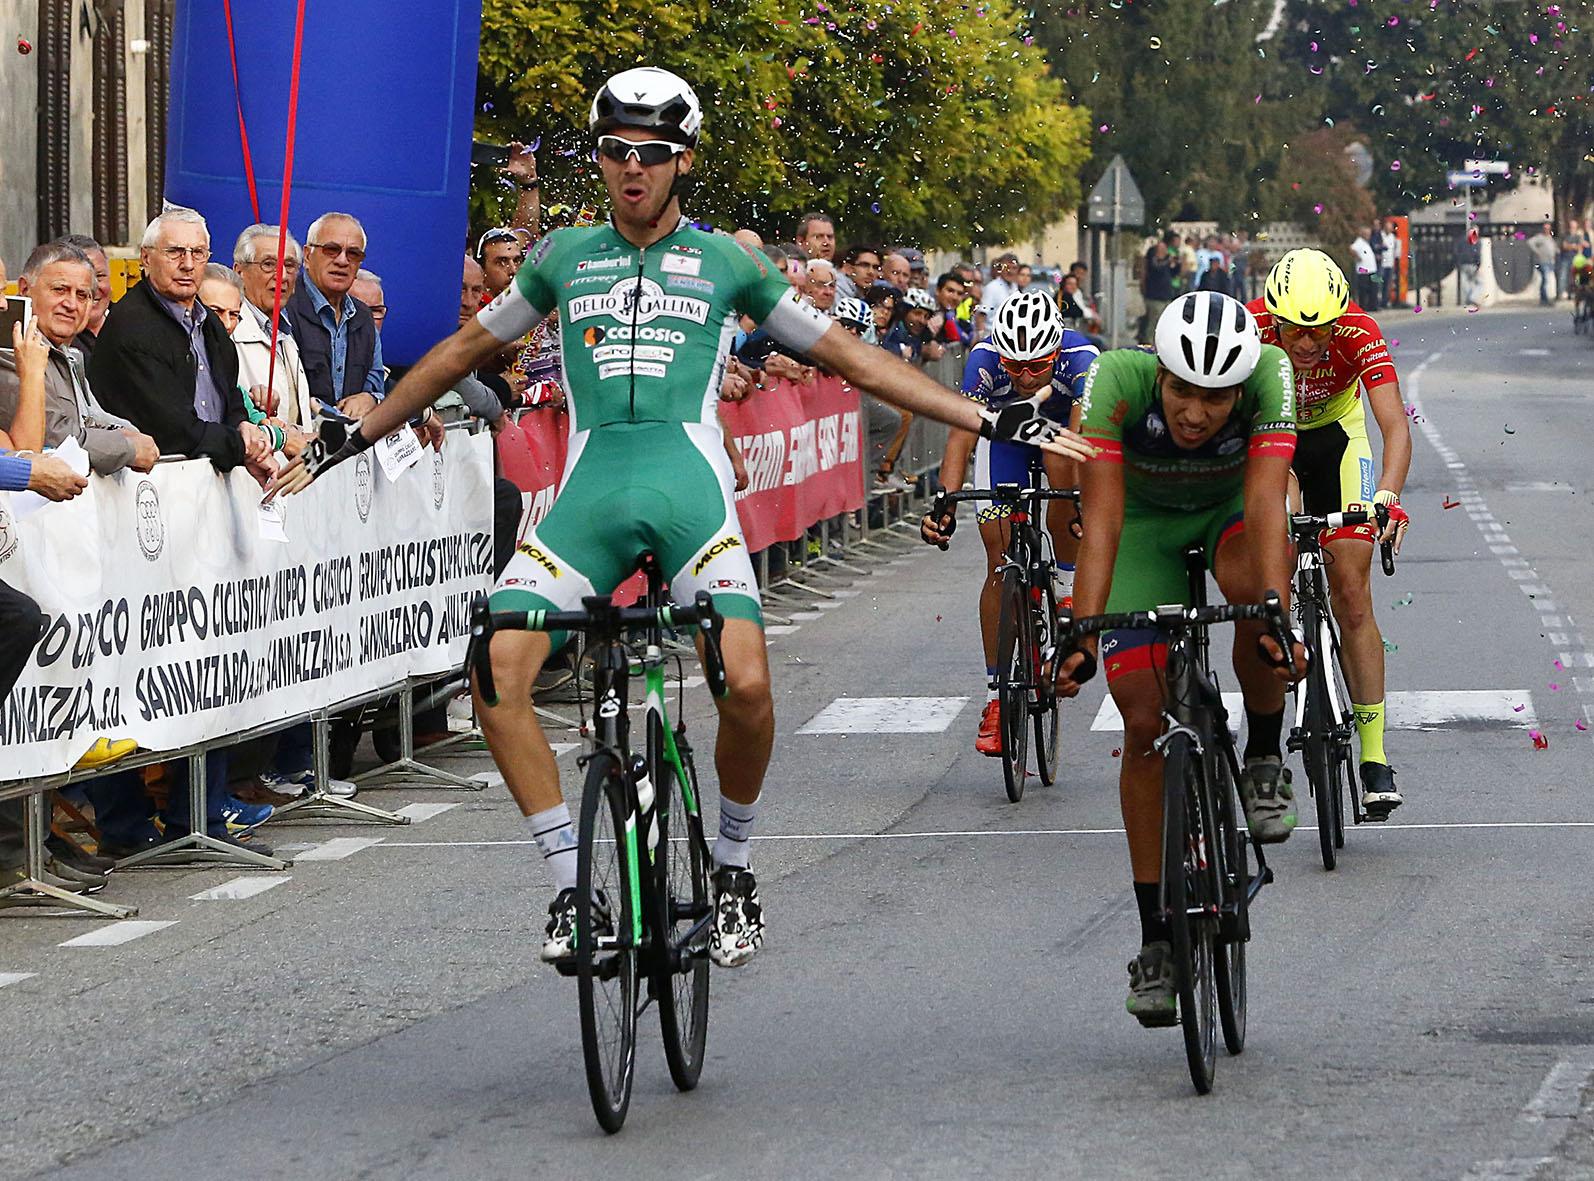 La vittoria di Mario Meris nel Il podio del 51° TrofeoComune diFerrera Erbognone